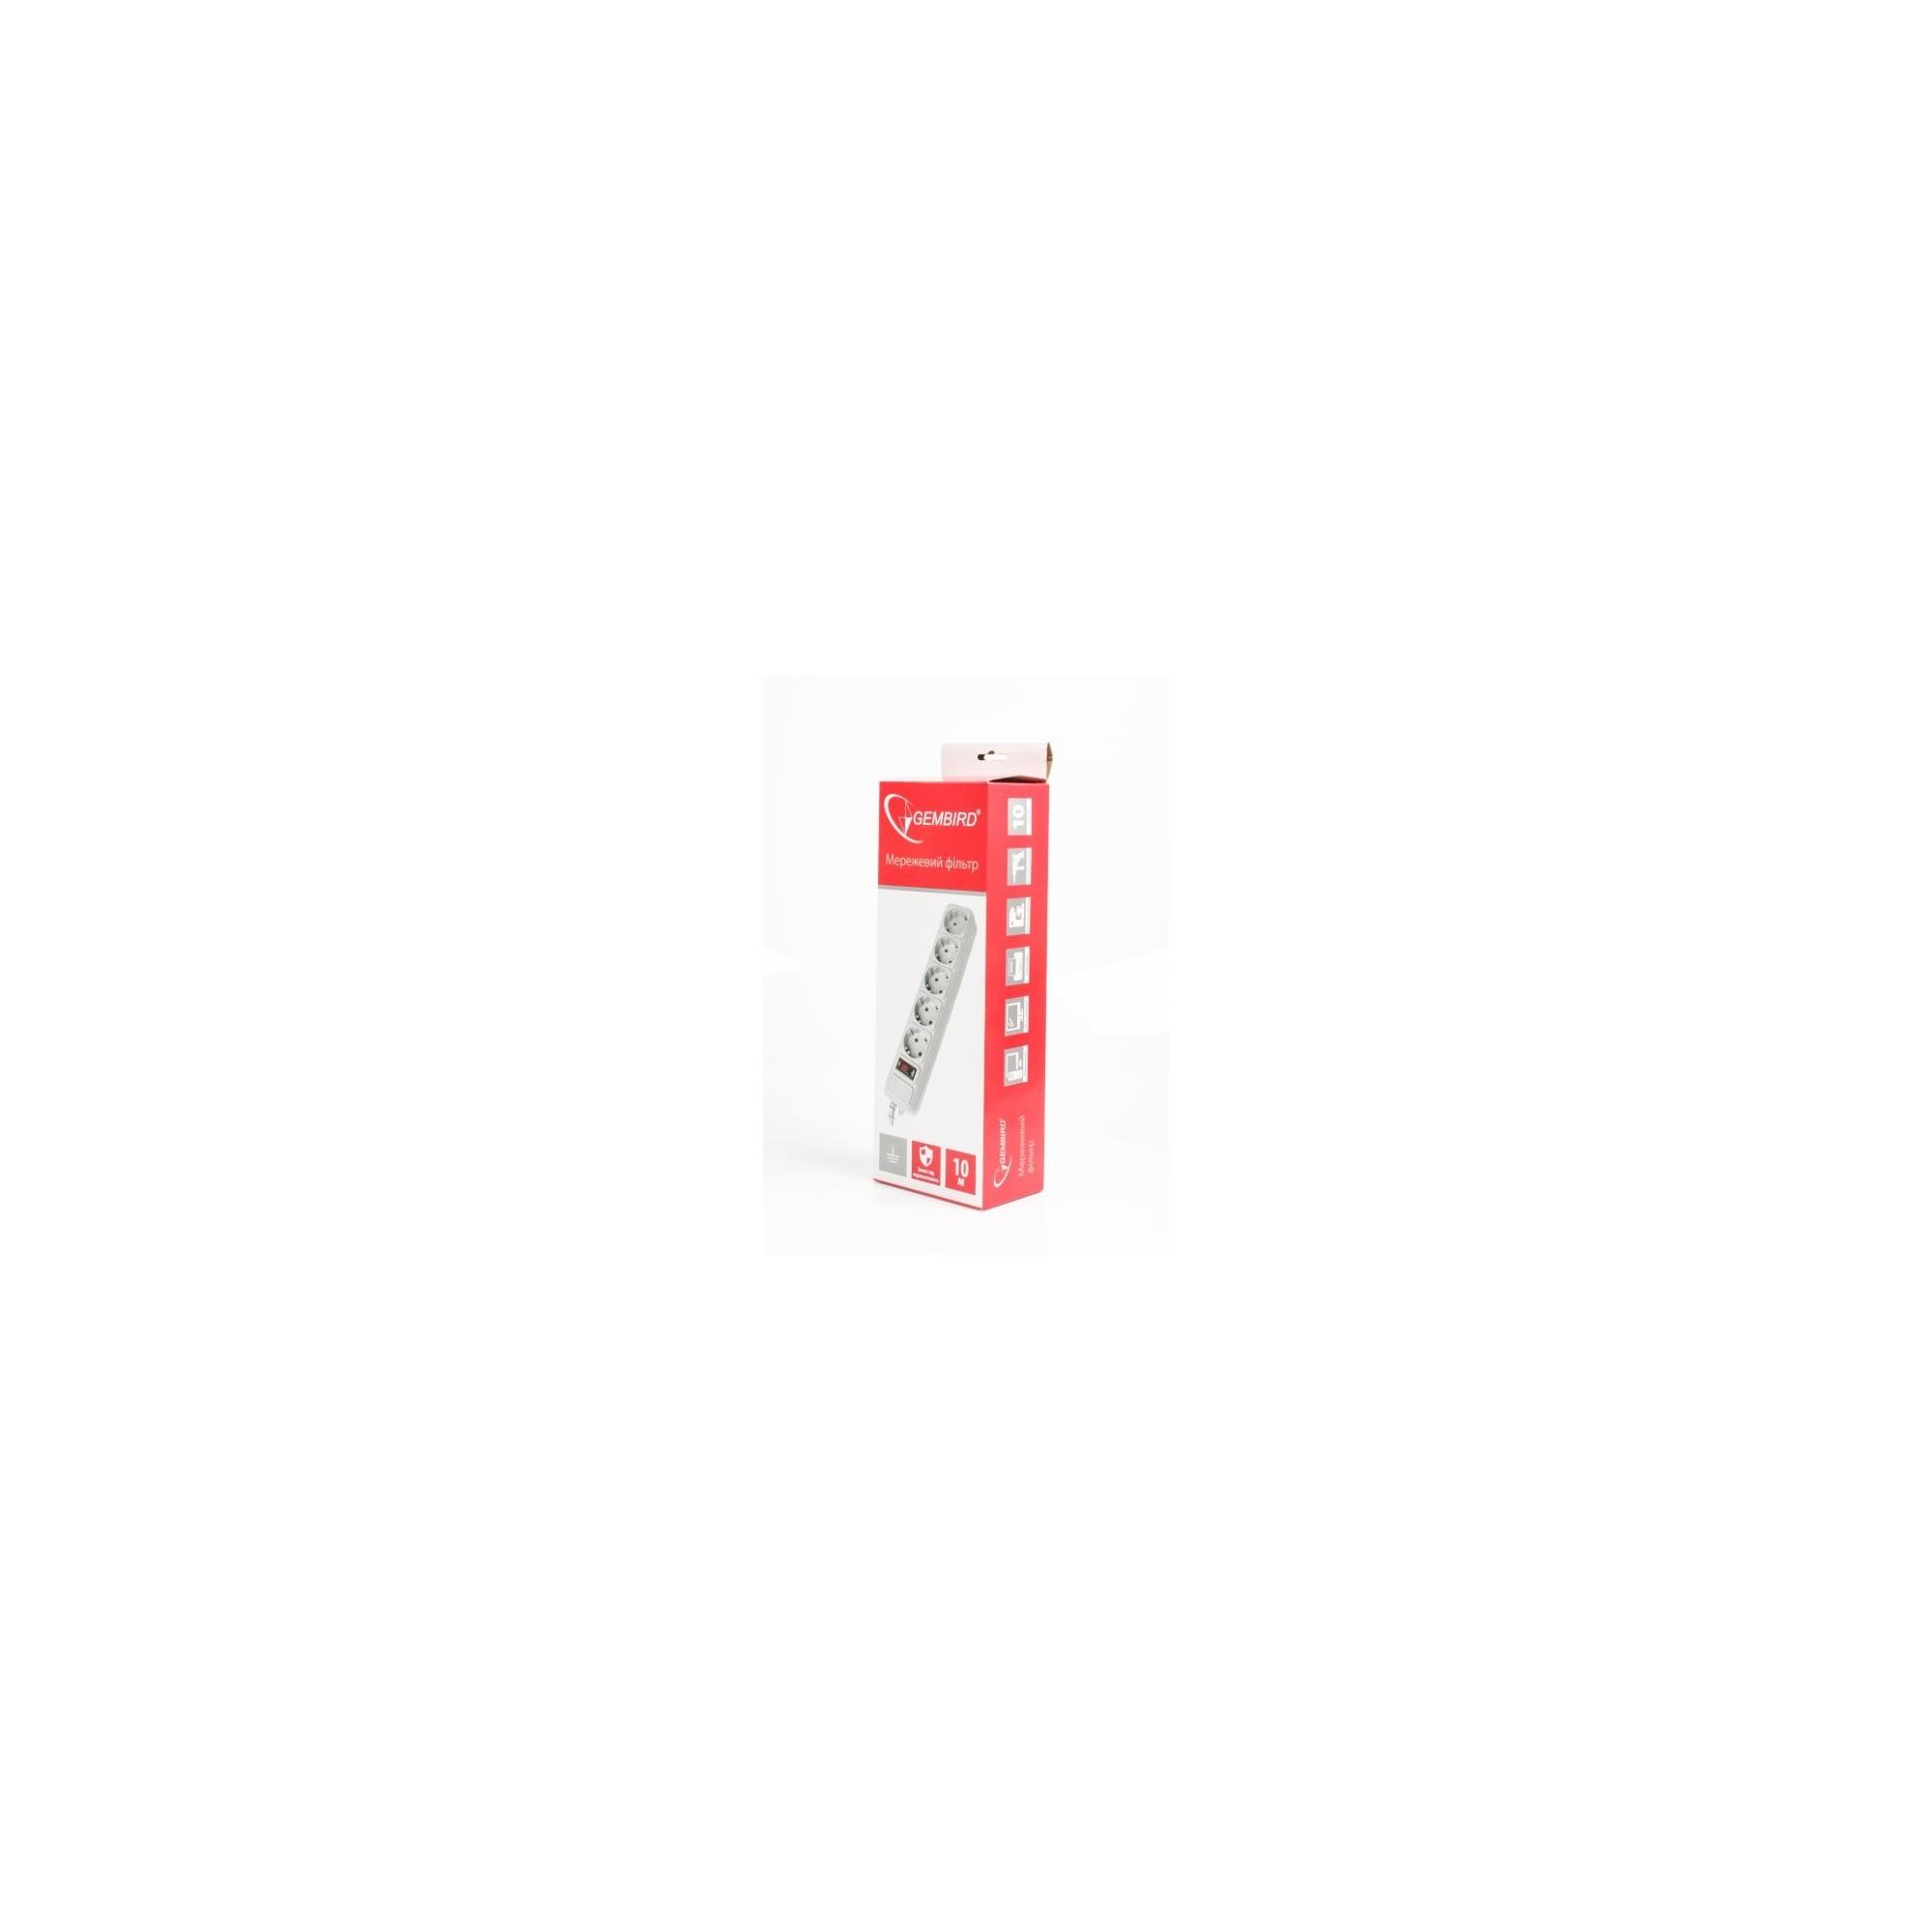 Сетевой фильтр GEMBIRD, 10 м, 5 розеток GEMBIRD - 1